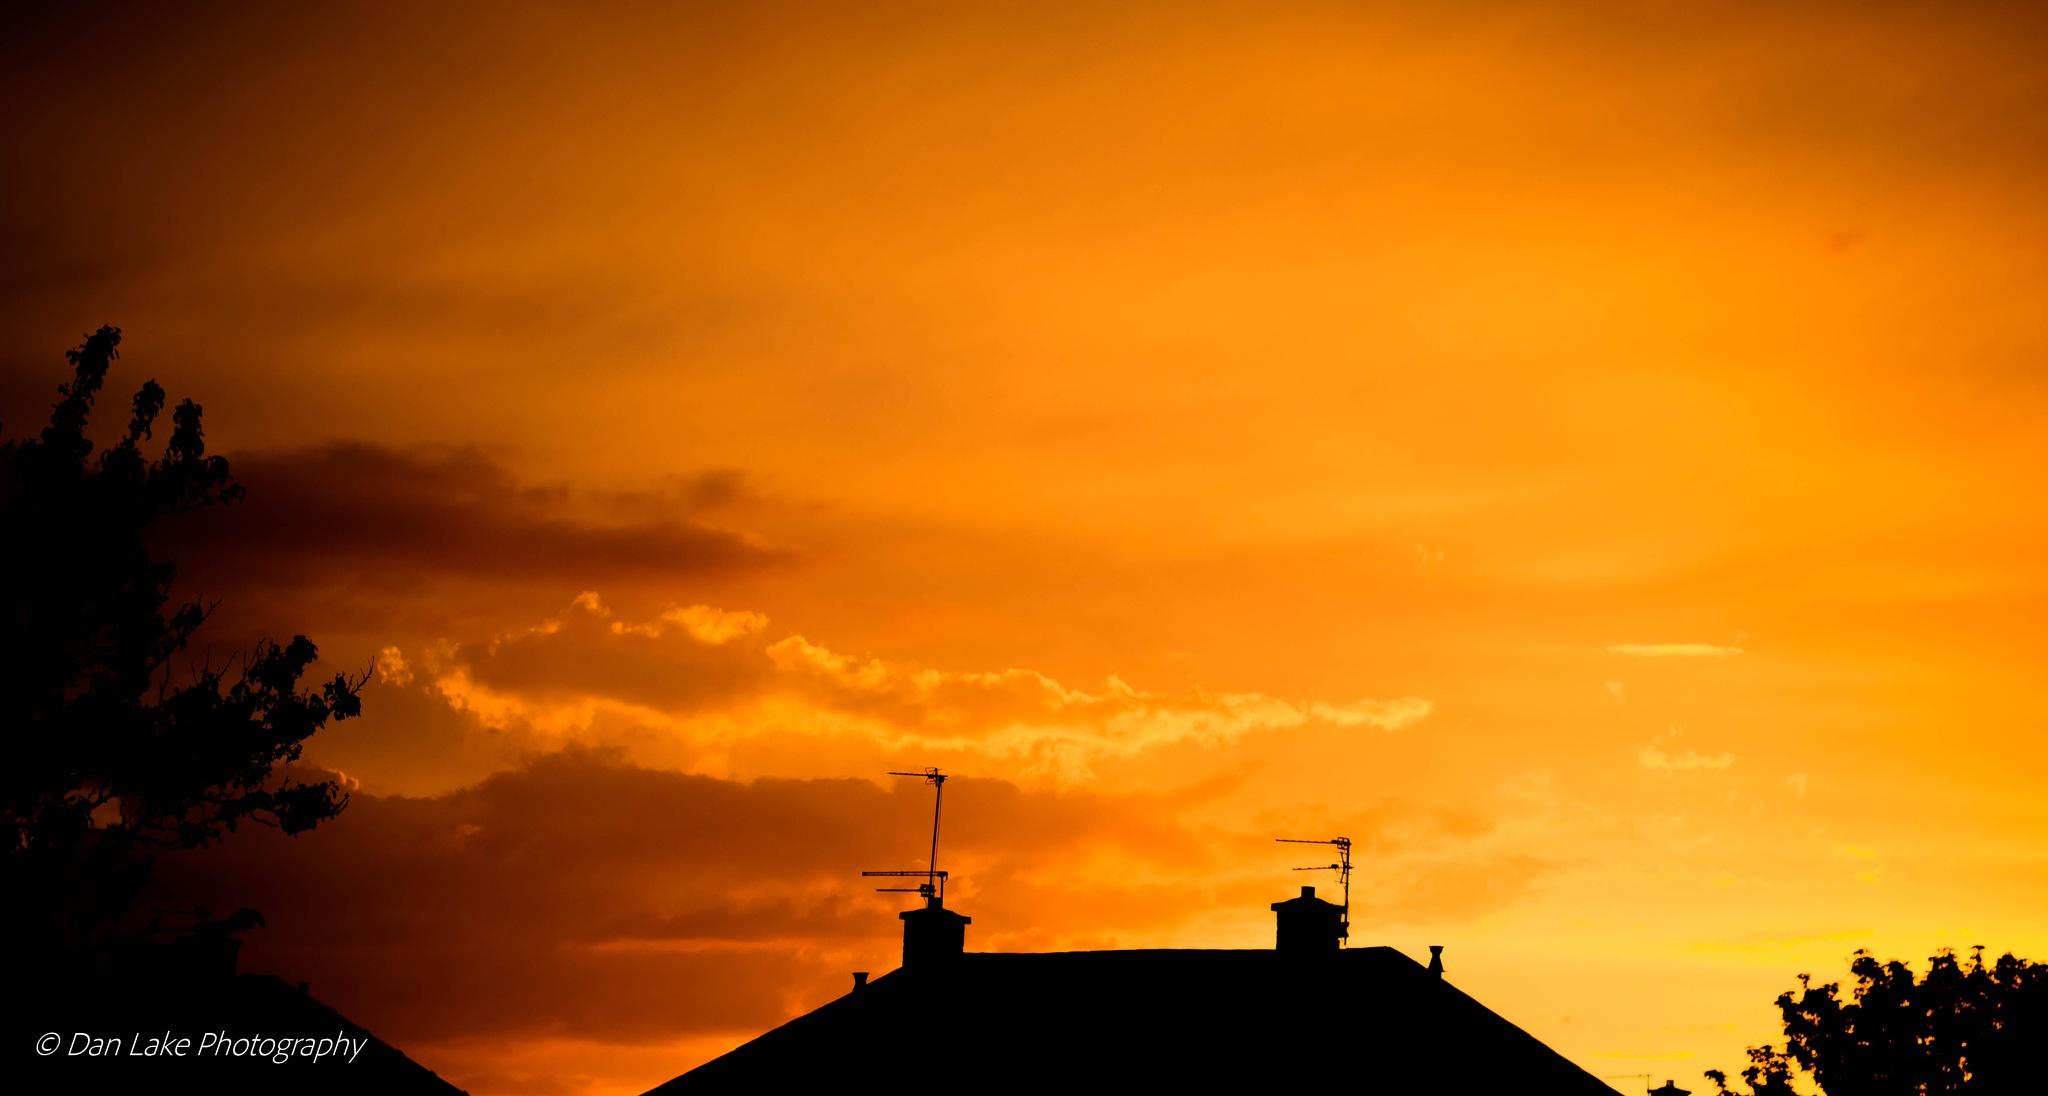 Burning Sunset by Dan Lake